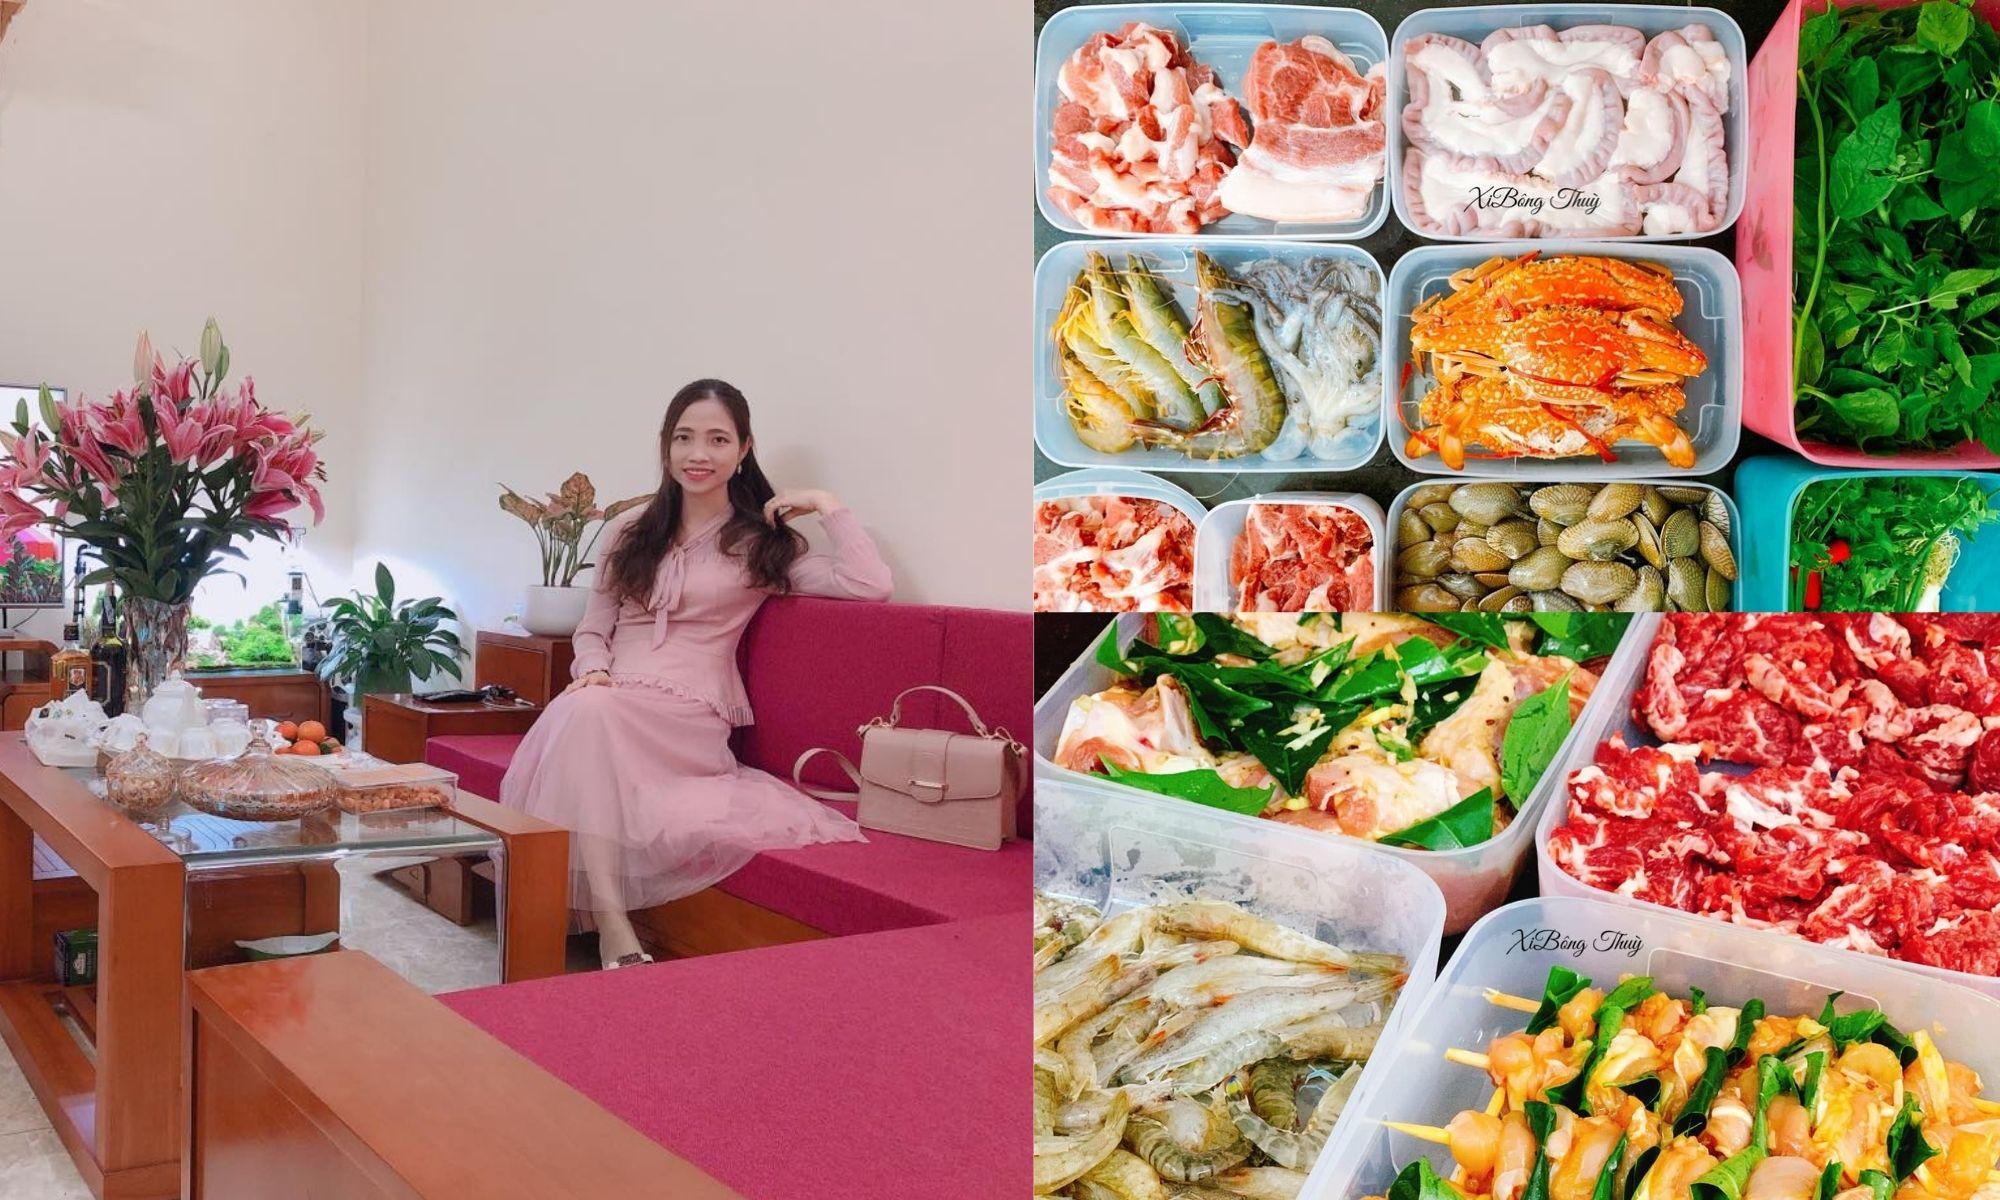 Bí quyết đi chợ, trữ đông thực phẩm tươi ngon của mẹ đảm Quảng Ninh